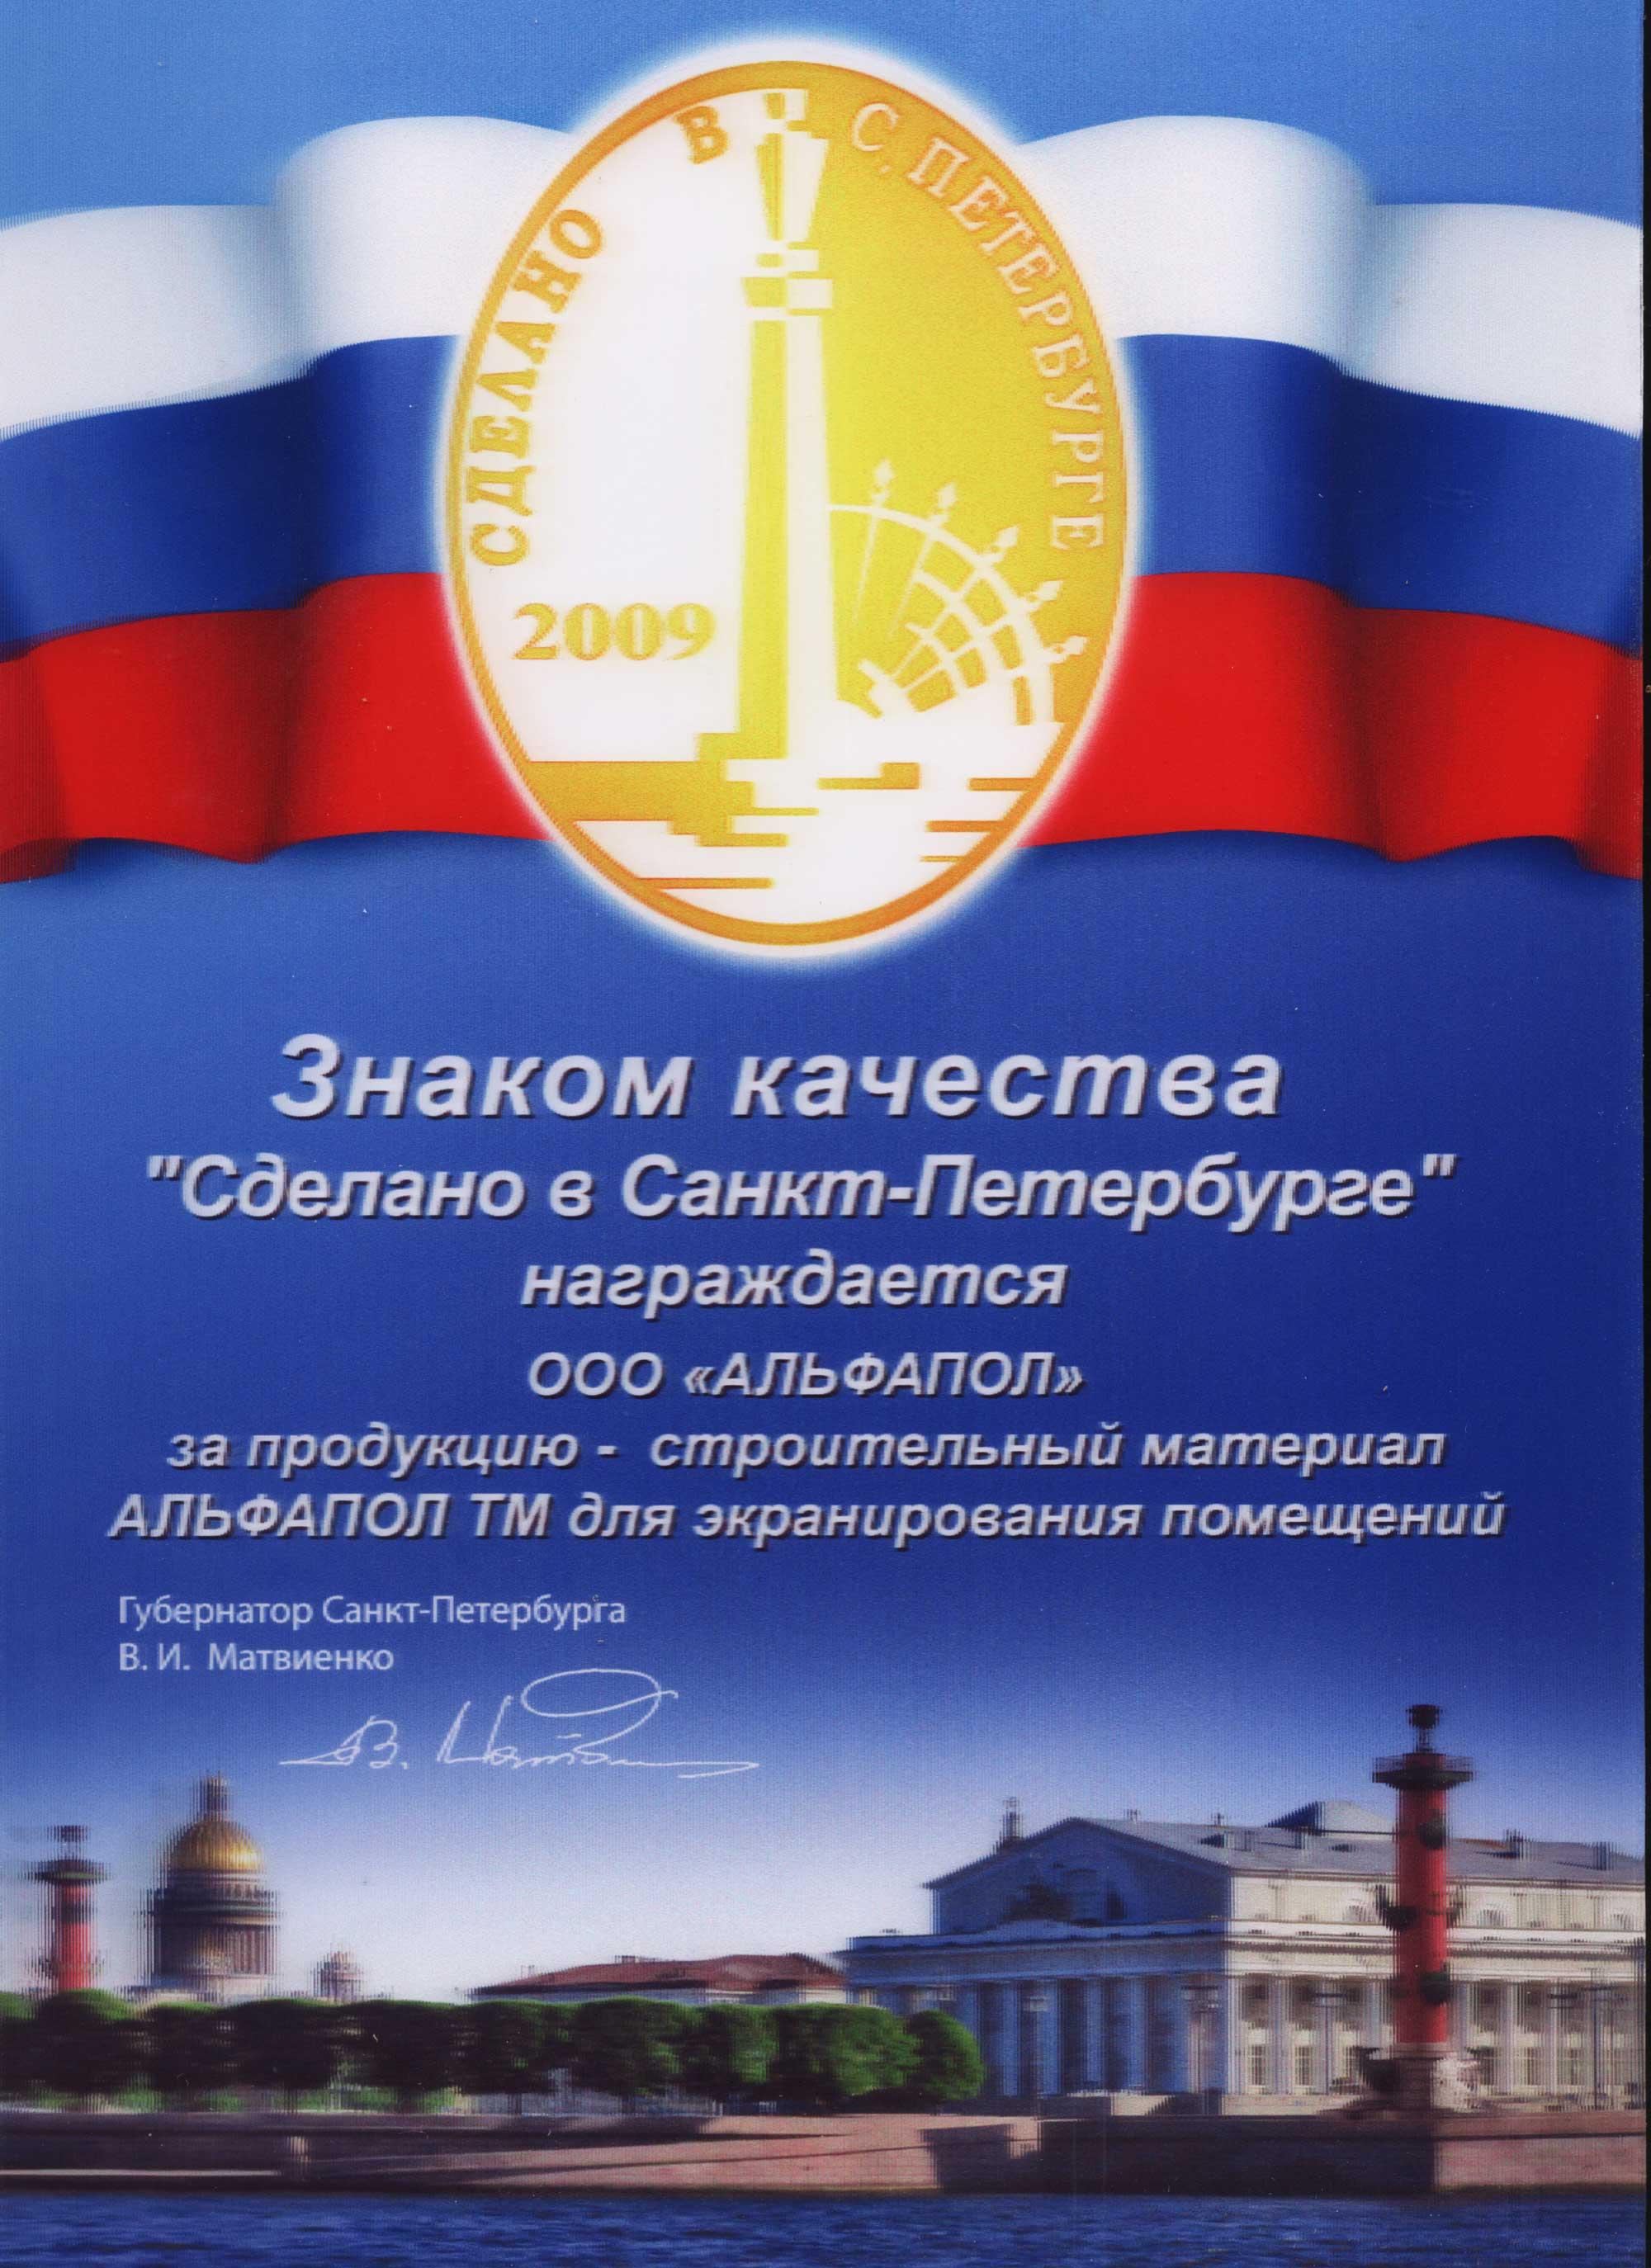 АМШ АЛЬФАПОЛ Экран Сделано в СПб 2009